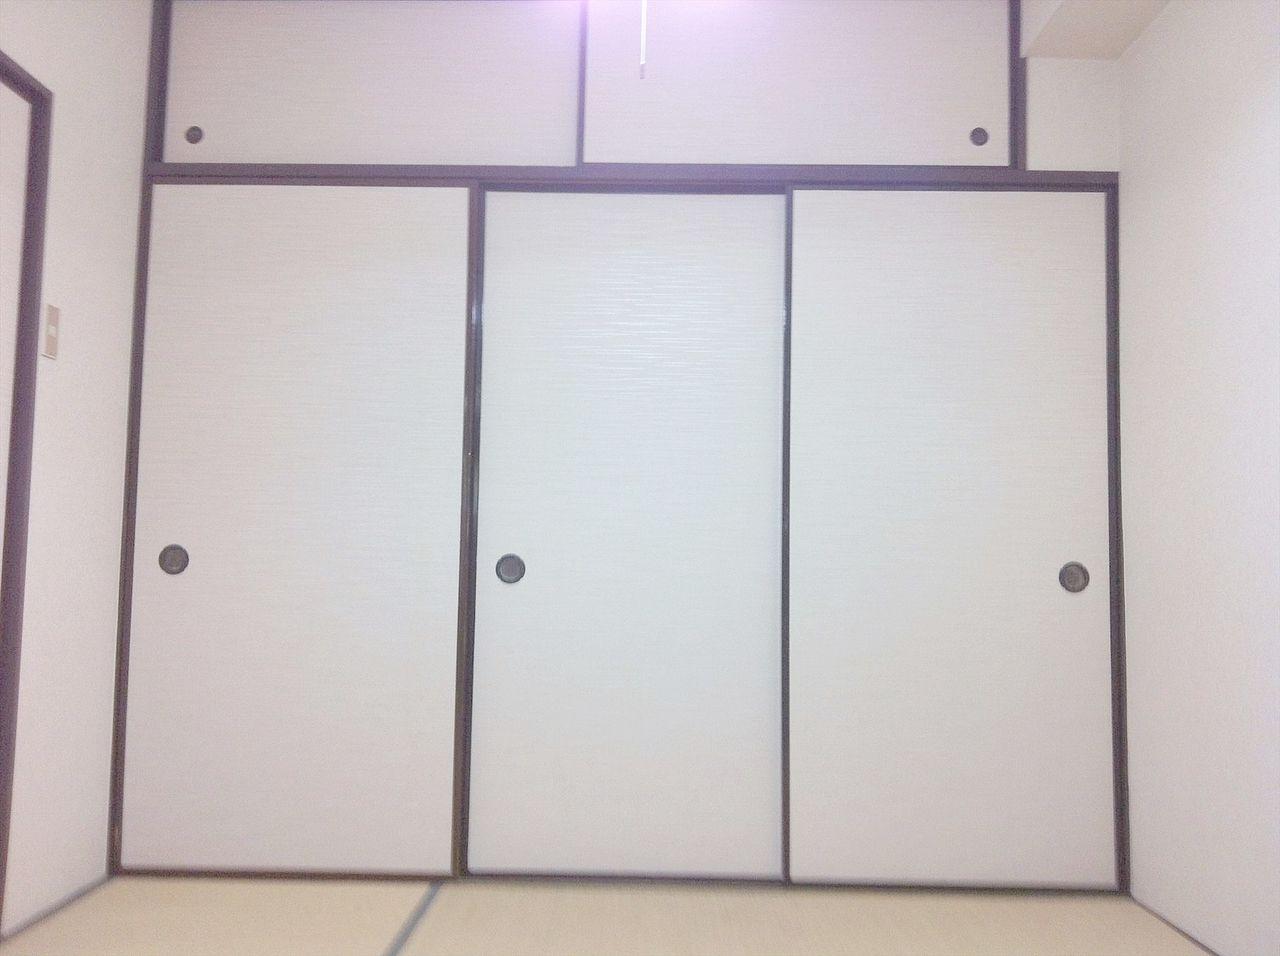 天袋付きの押入れでたくさん入り 部屋が広く使えます